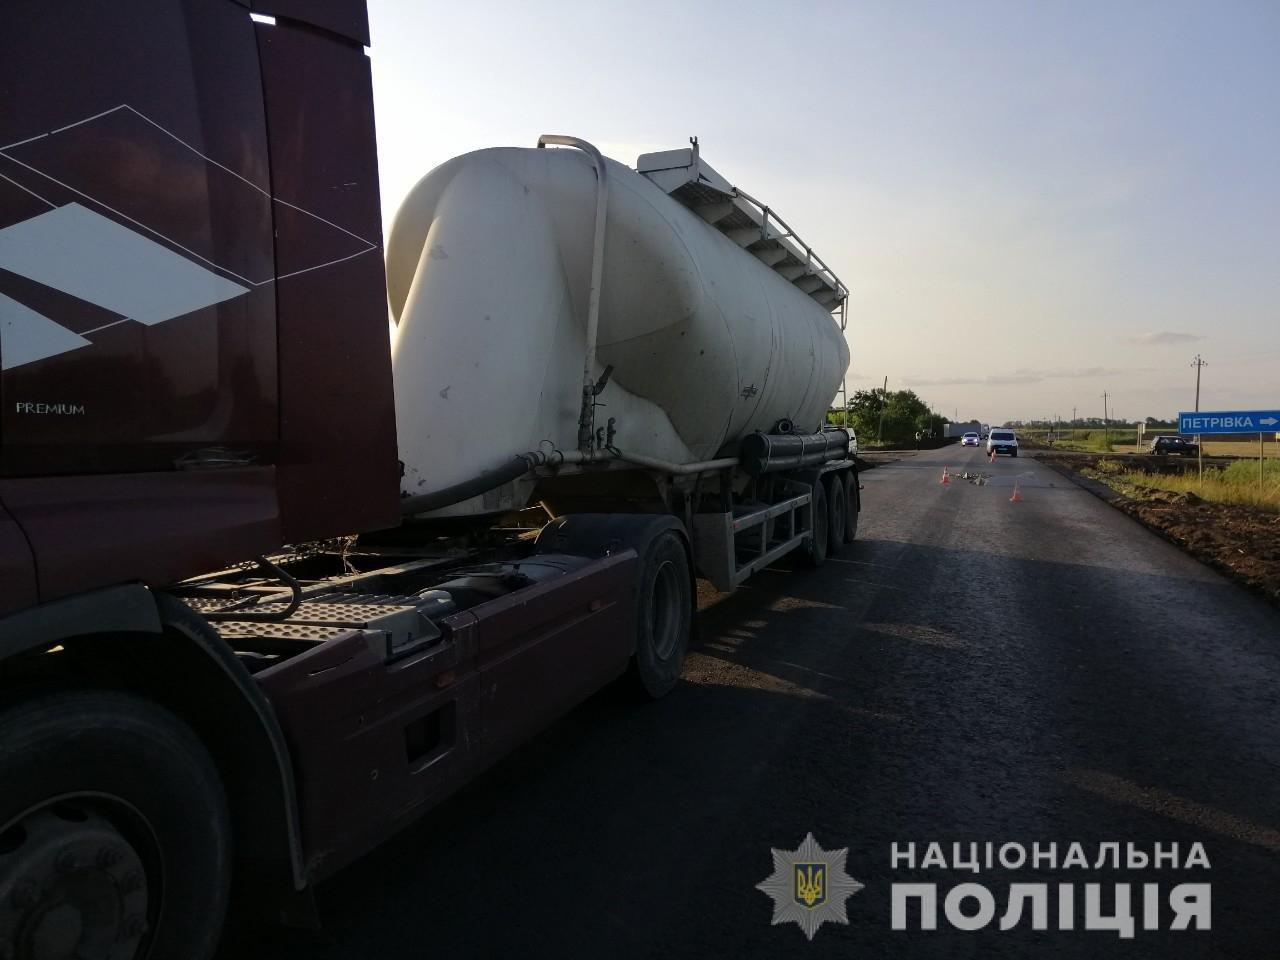 Под Харьковом грузовик с прицепом сбил насмерть пьяного велосипедиста, - ФОТО, фото-2